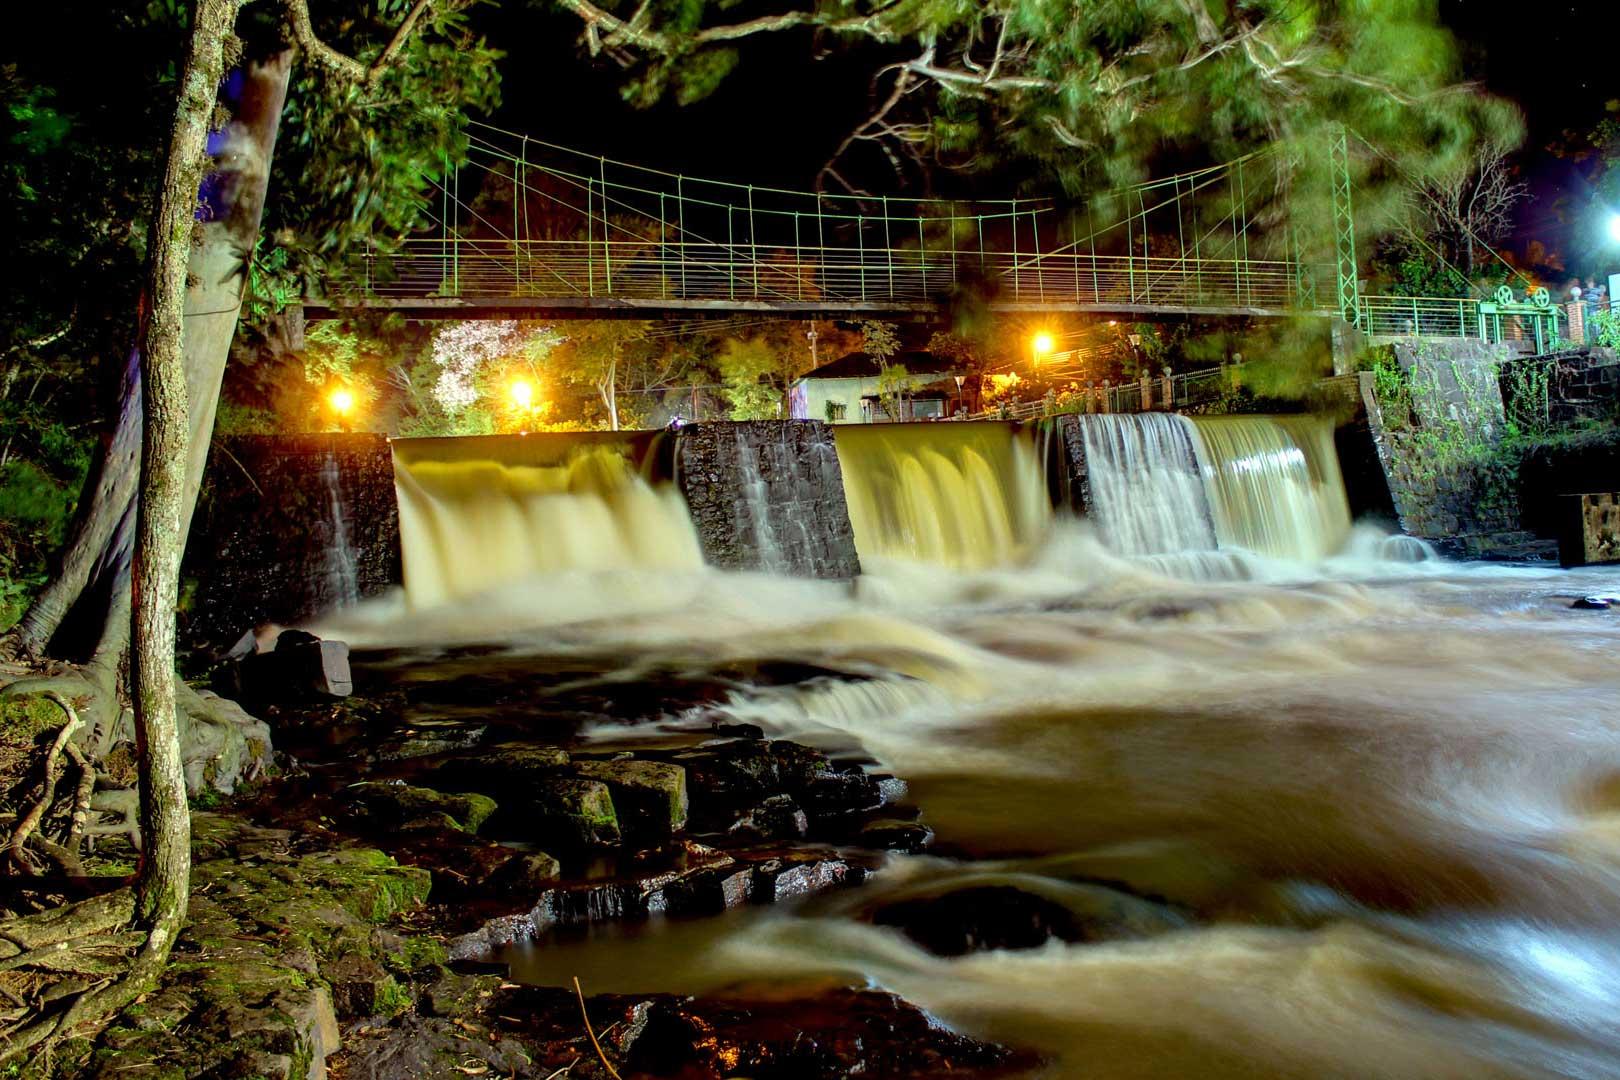 Cachoeiras em Brotas Parque dos Saltos